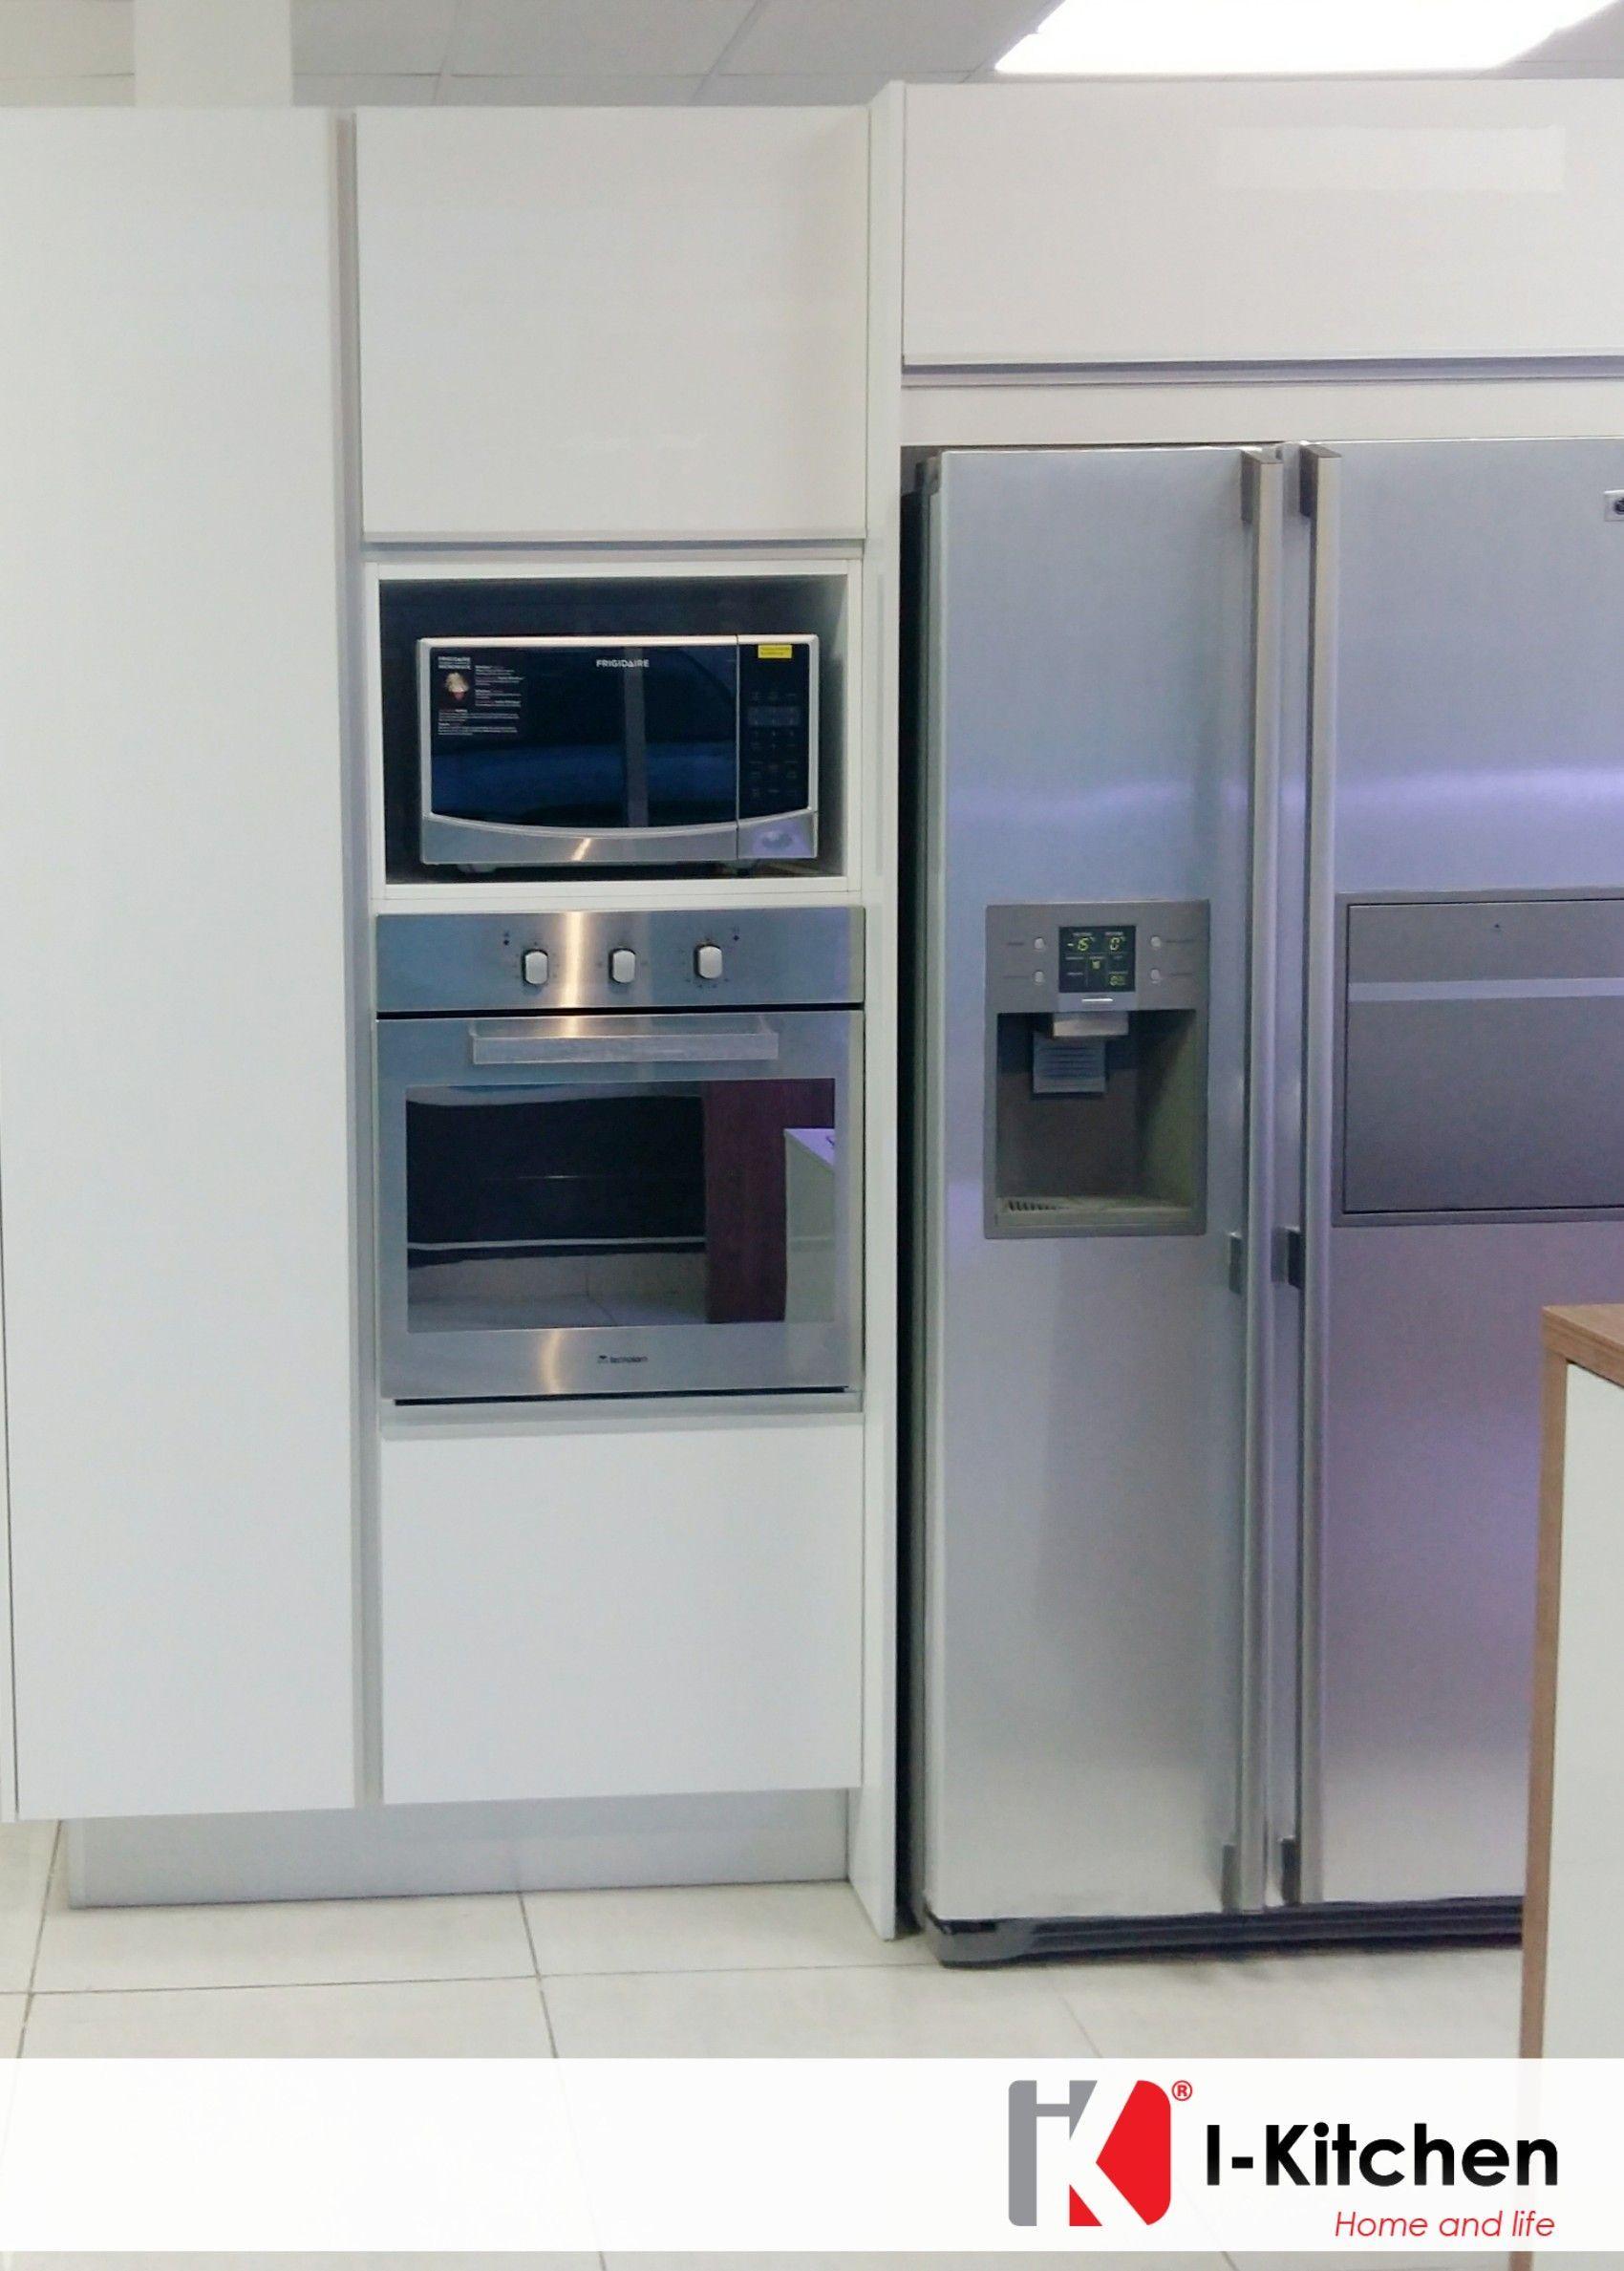 Hermosa cocina con empotrado de nevera horno y microondas kitchen pinterest cocinas - Microondas de empotrar ...